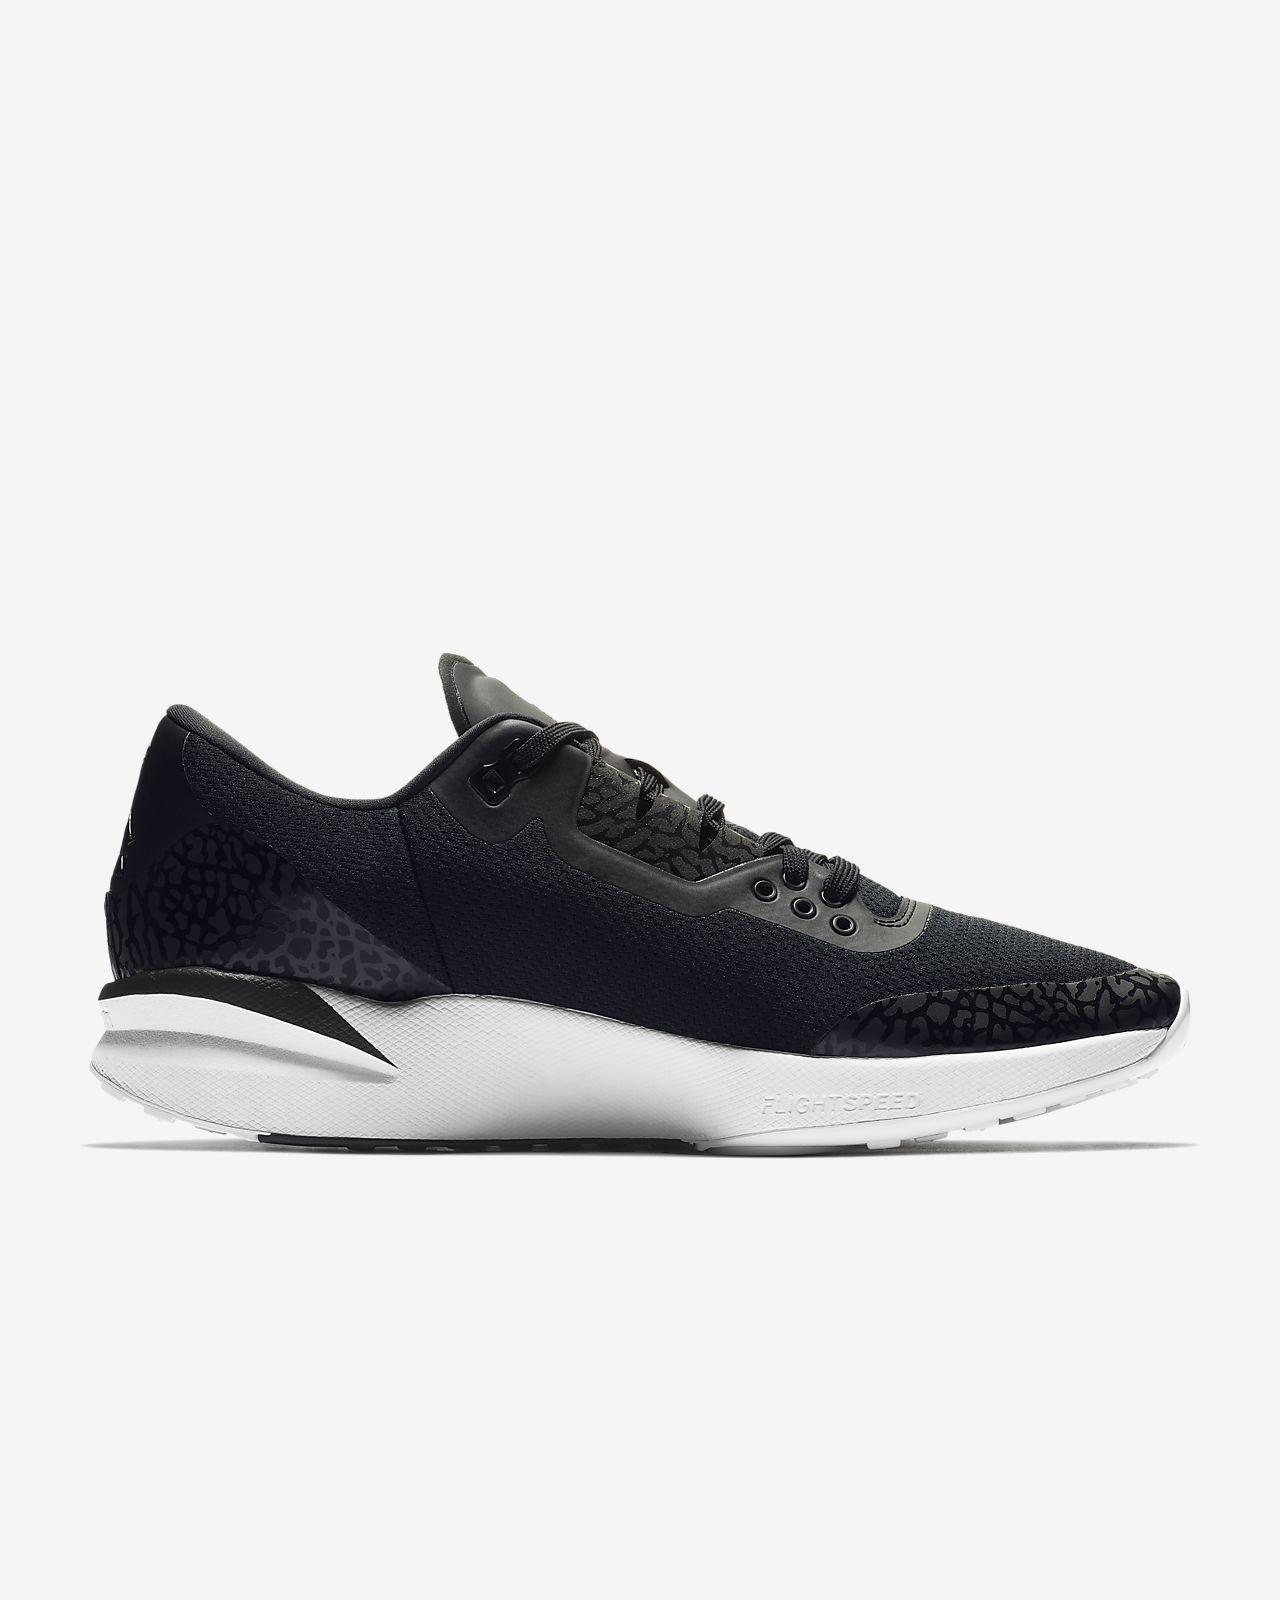 best authentic d8755 0f20a ... Jordan Zoom Tenacity 88 Men s Running Shoe